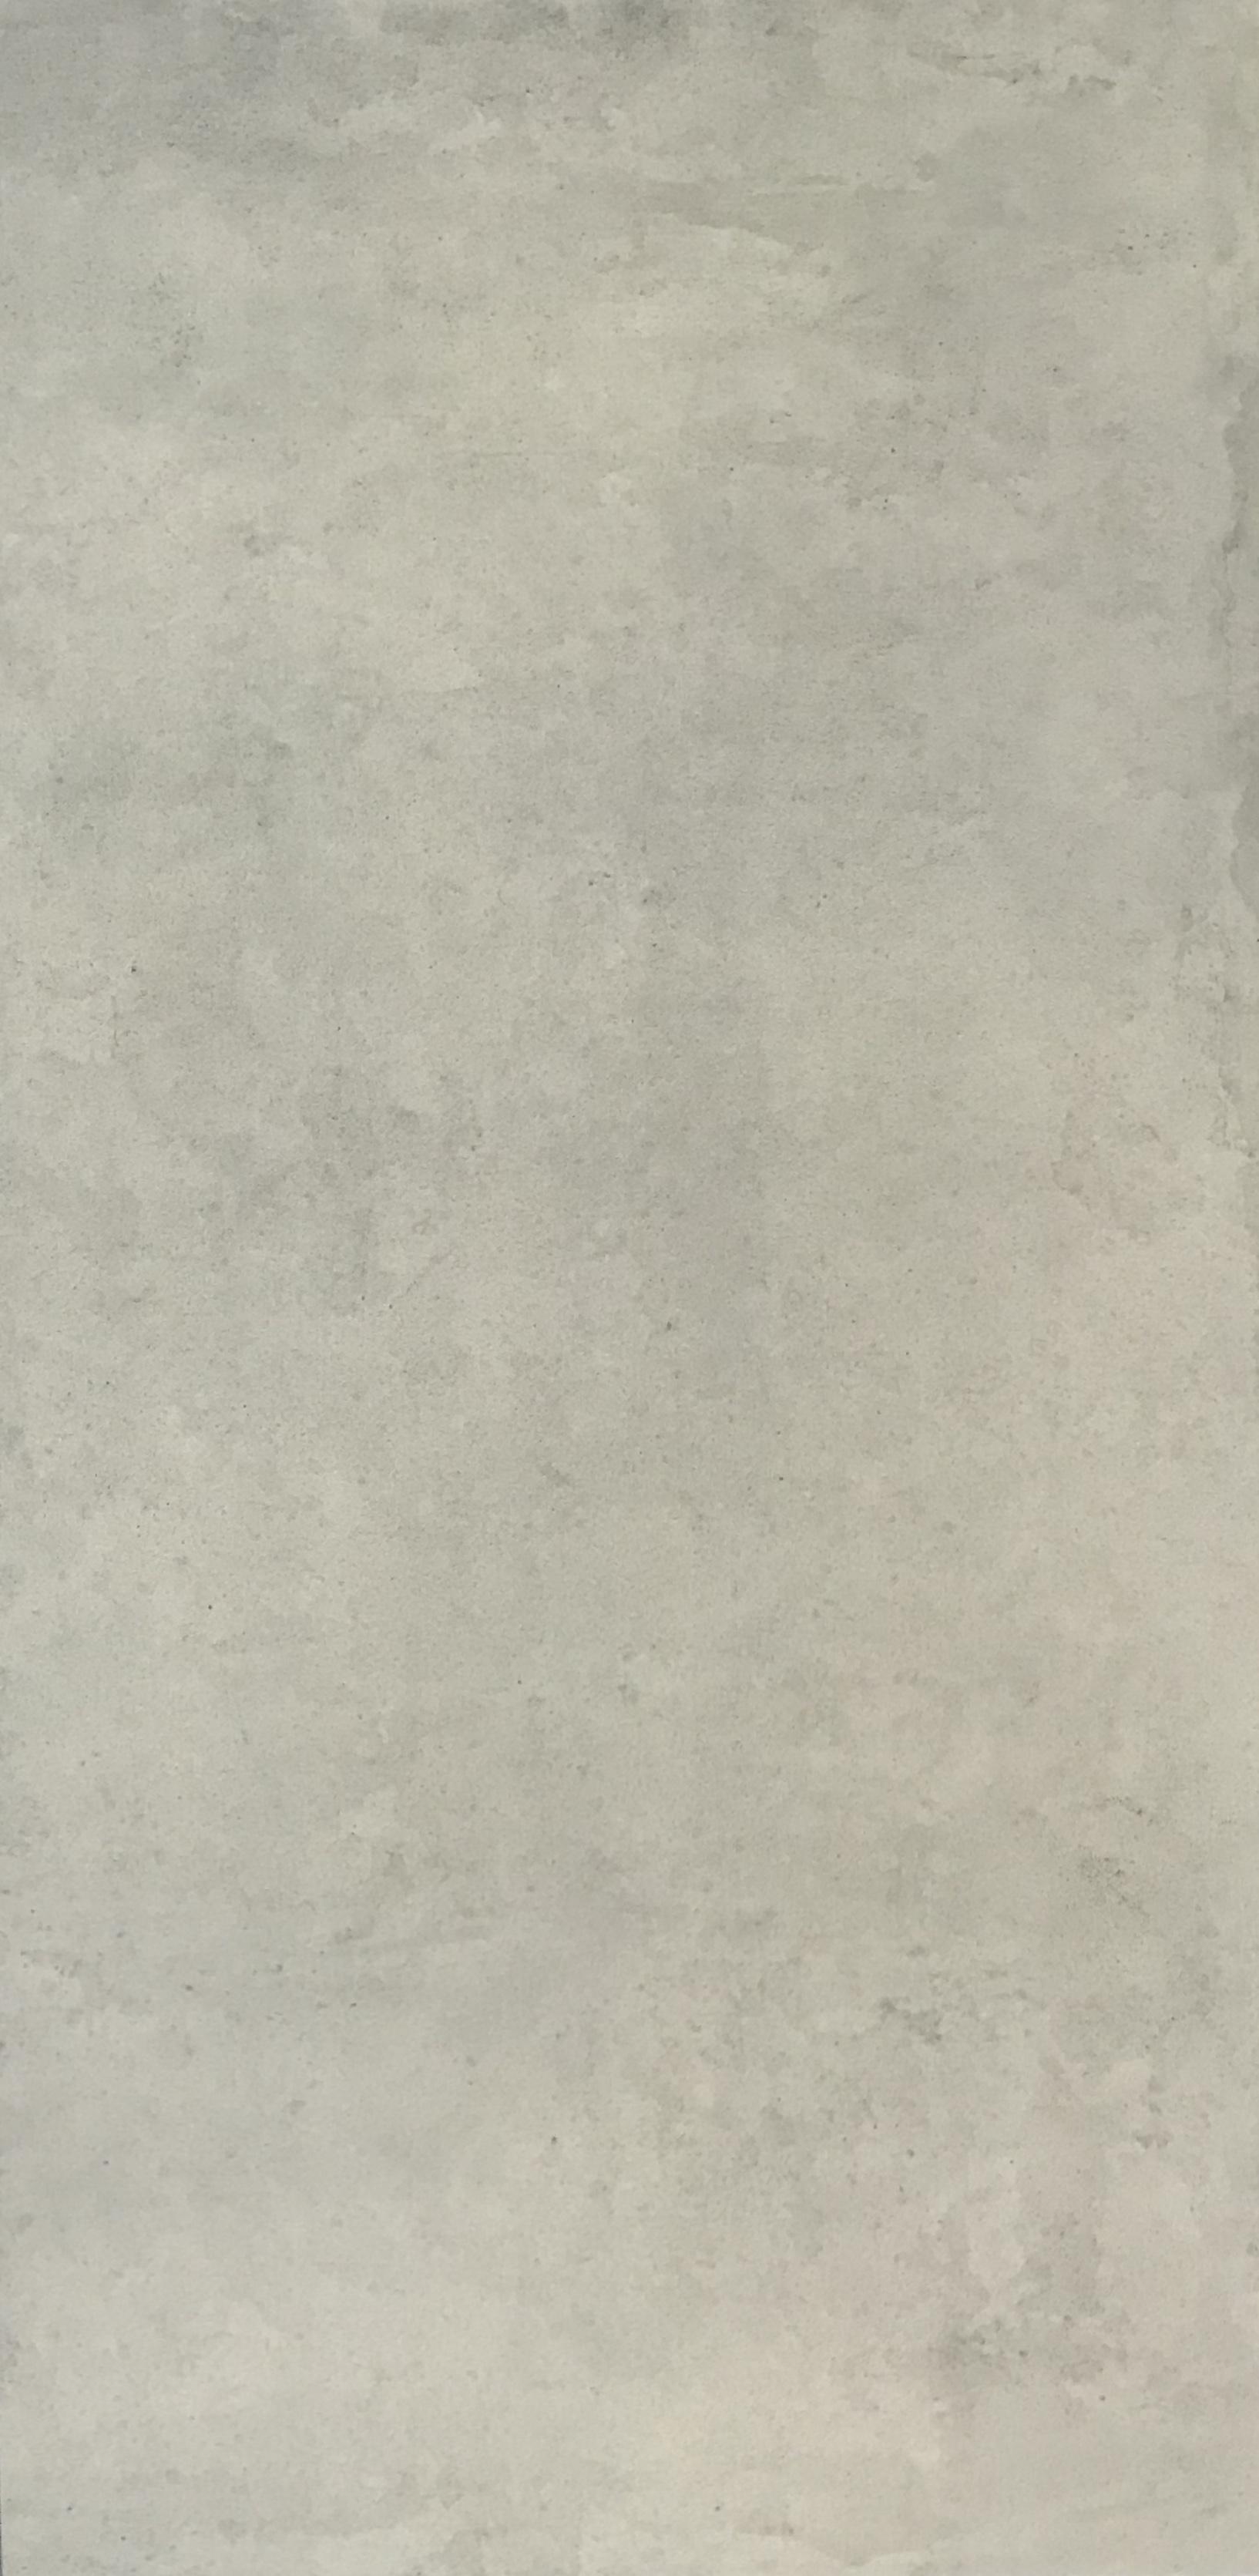 Osmose Ecoline matt Boden-/Wandfliese Grau 30x60